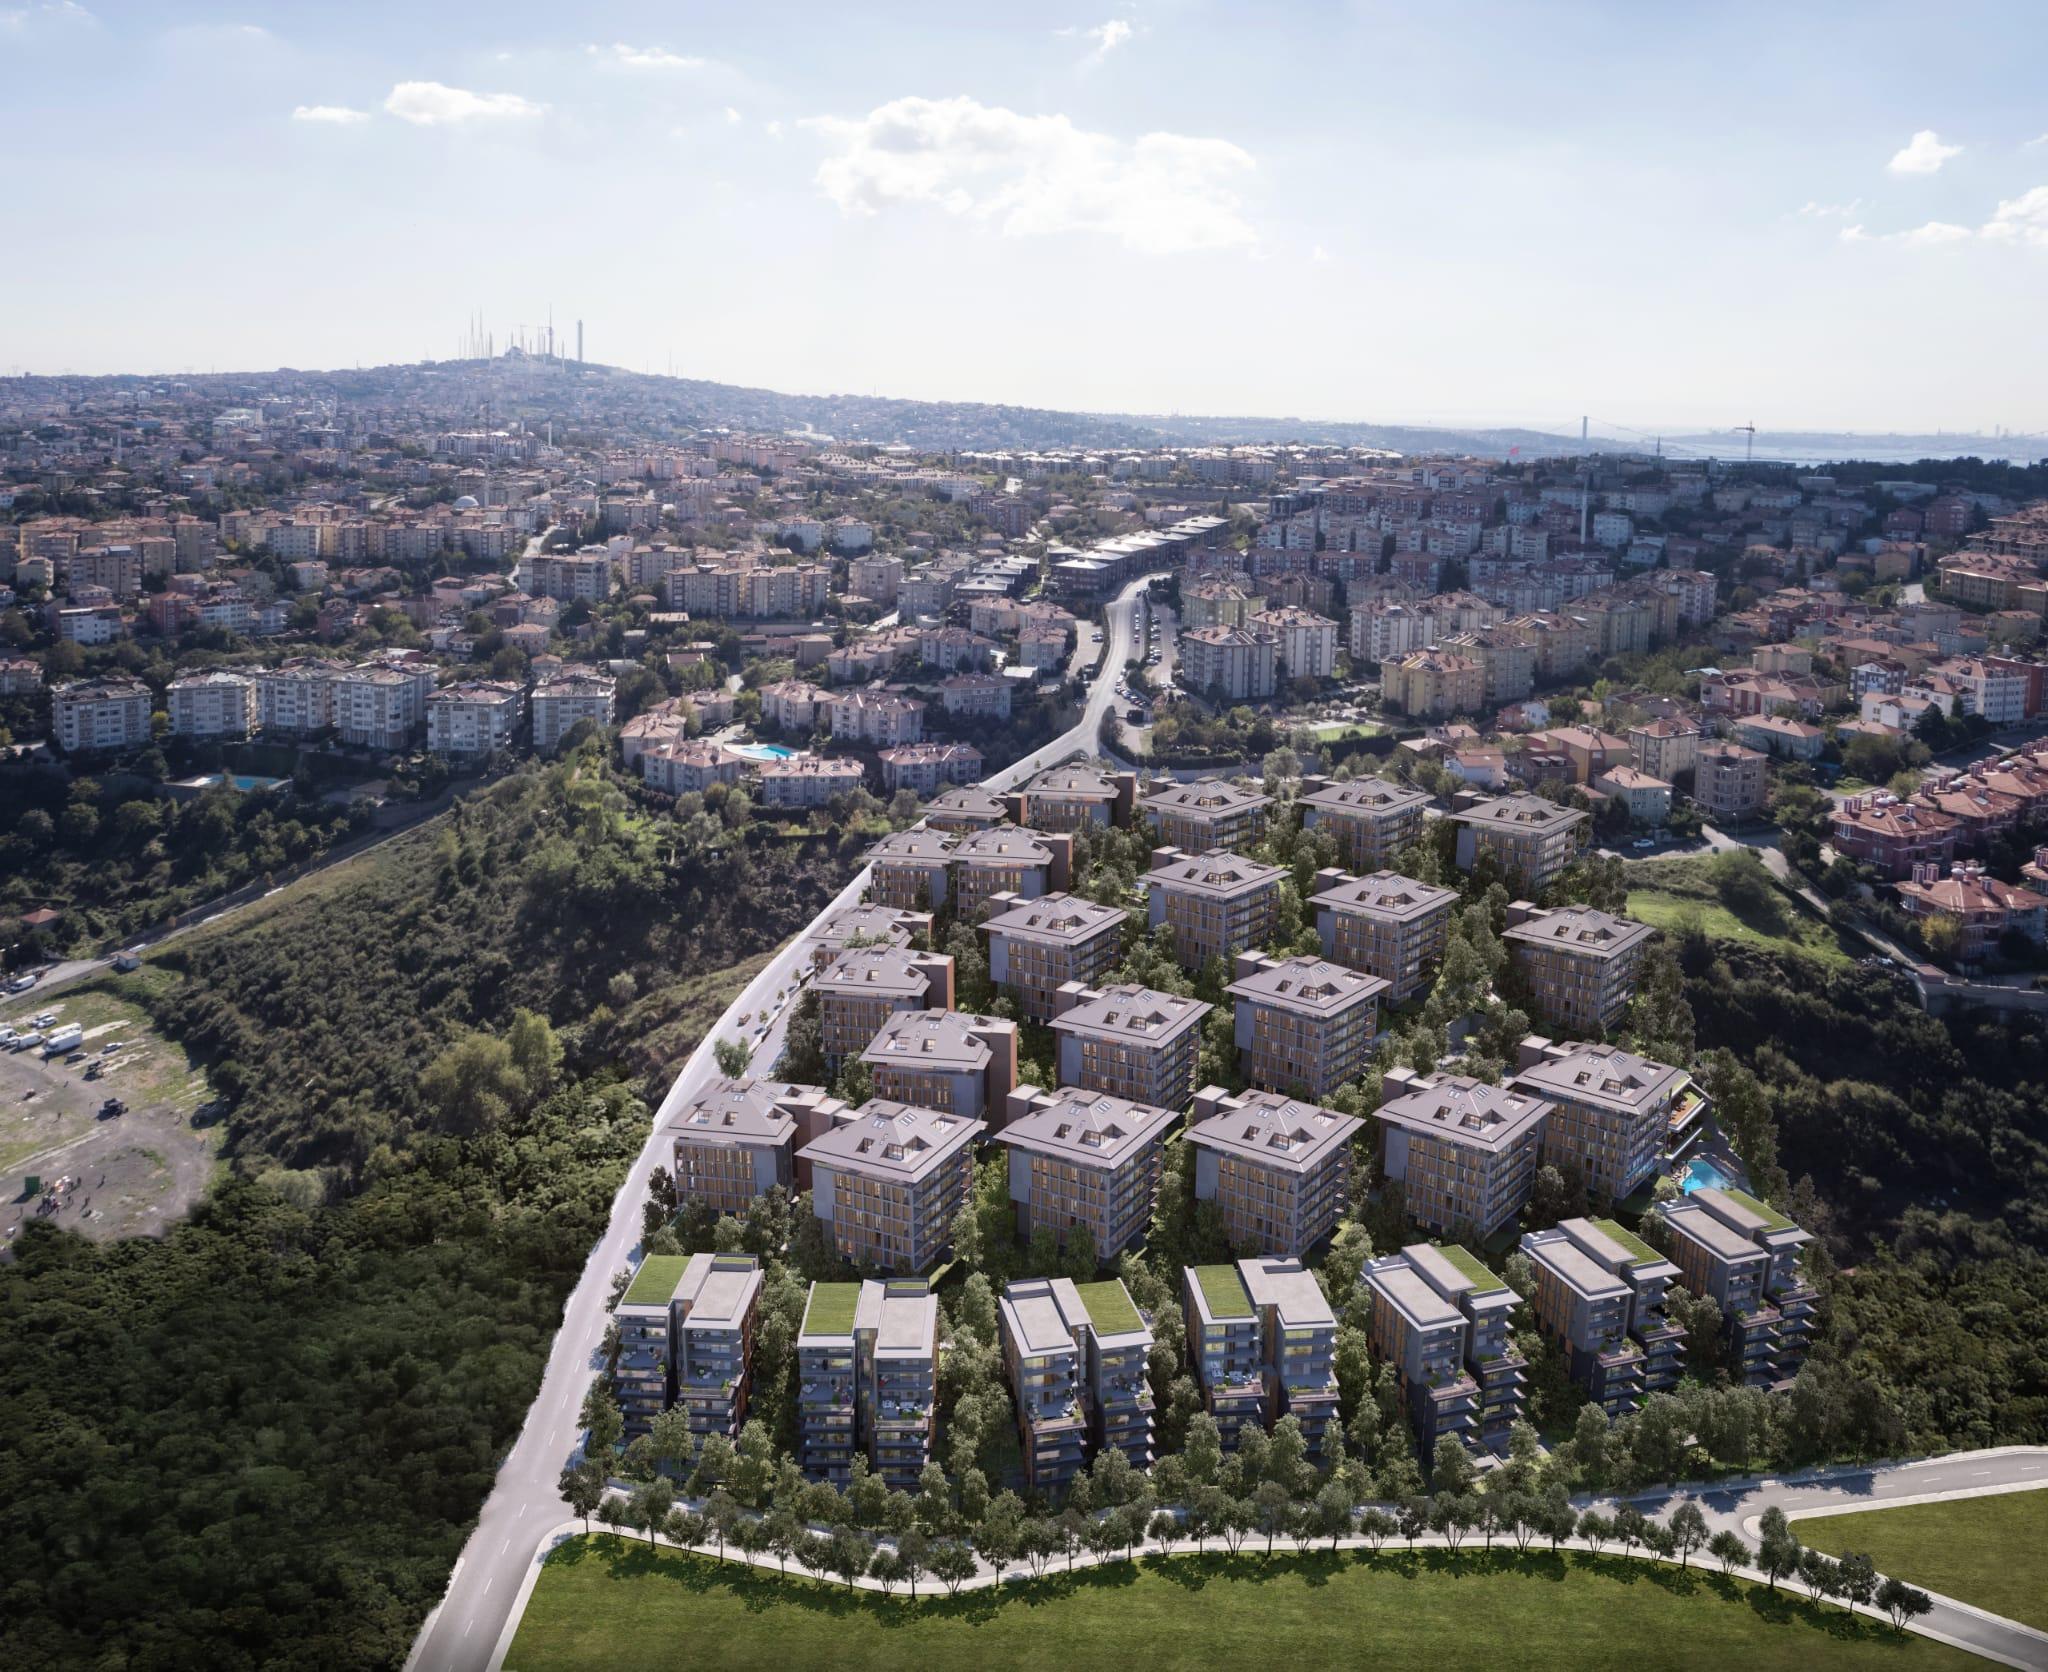 مشروع استثماري بالقرب من البوسفور يمزج بين الخصائص التاريخية والهندسة المعمارية الحديثة في الطرف الآسيوي من اسطنبول…..أوسكودار           (  كود المشروع     IC 45  )